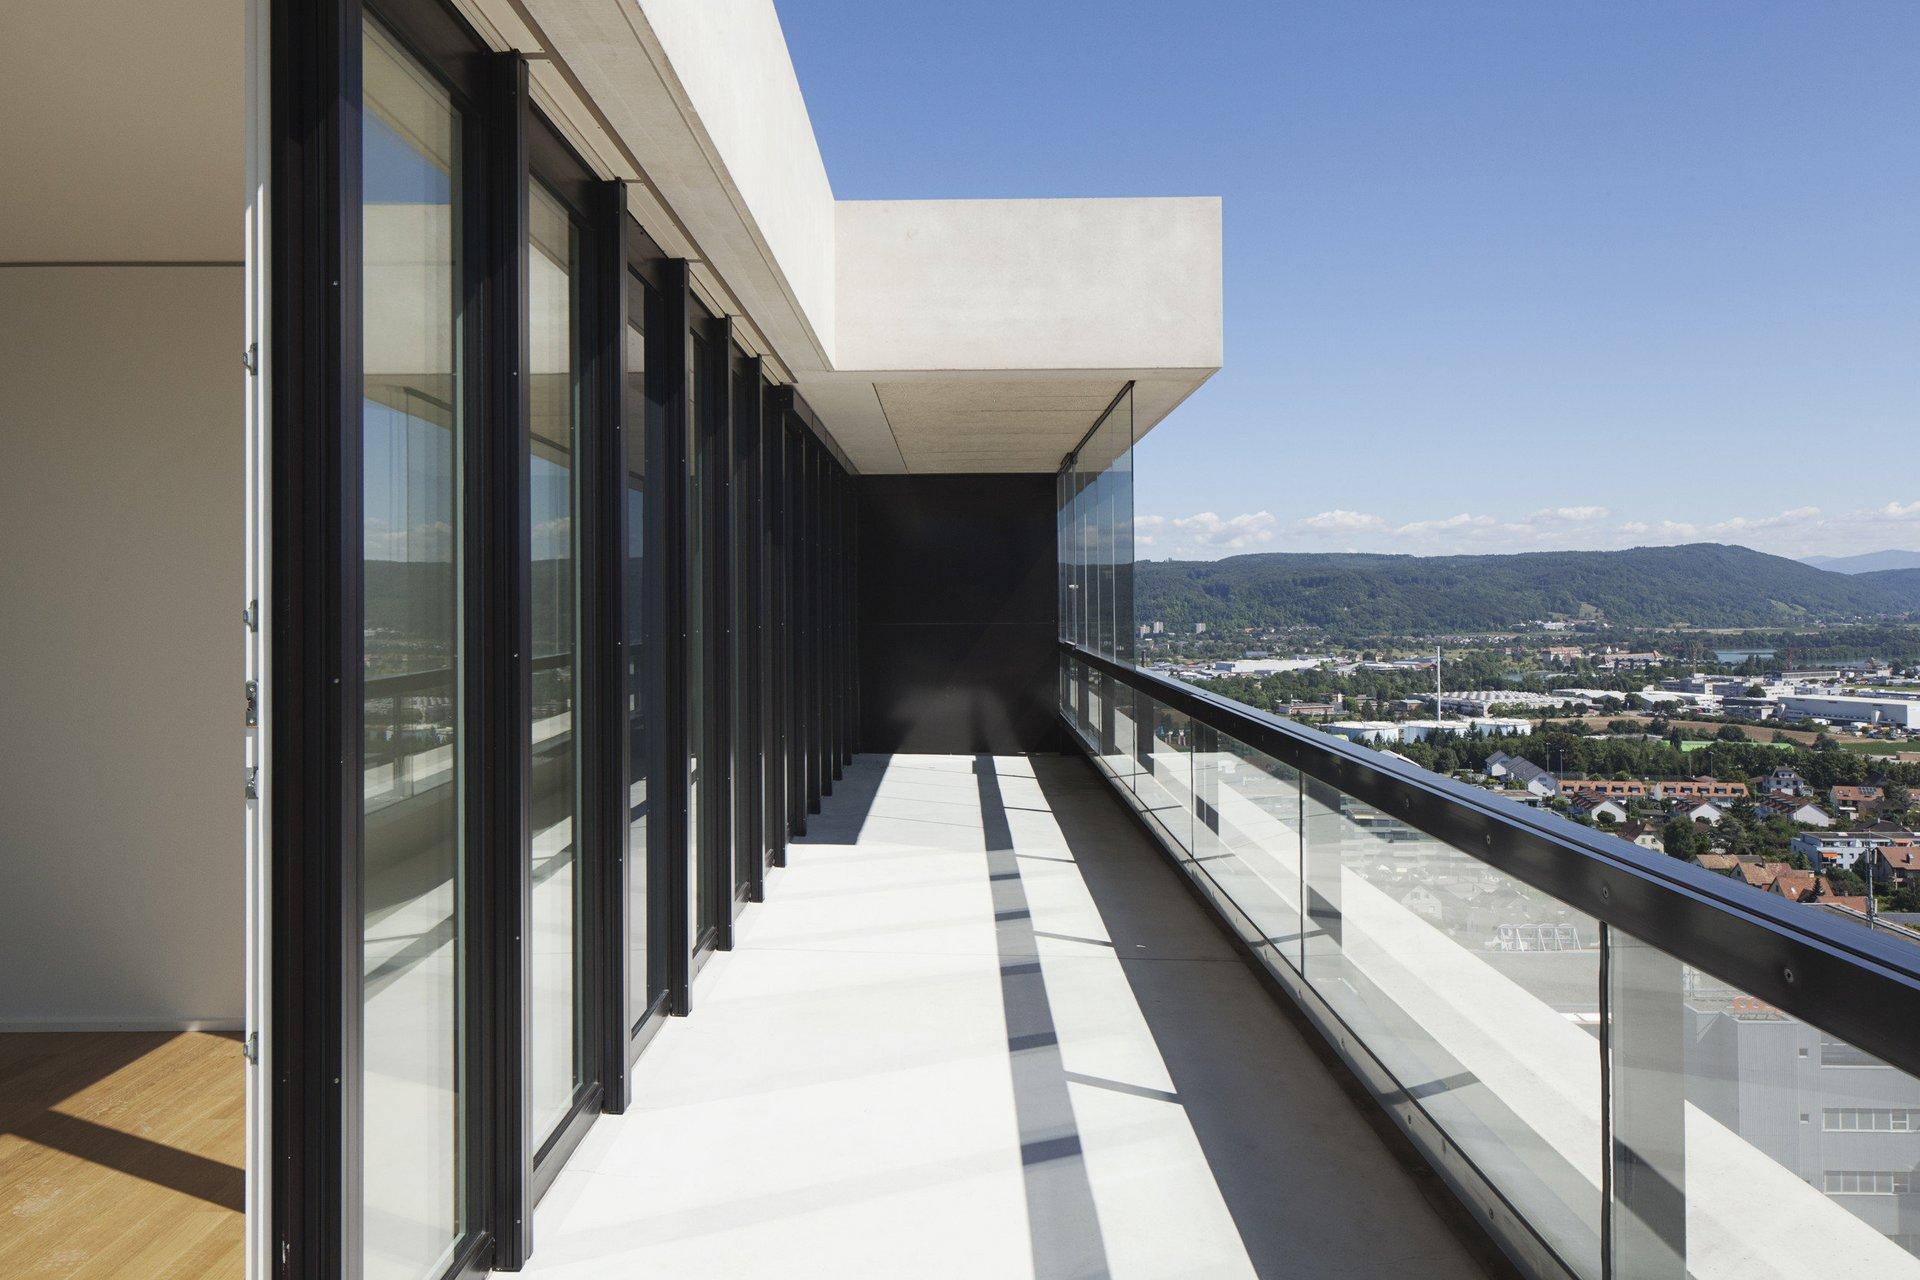 Balkon mit Hebe-Schiebetüren in Holz-Metall die die Wand ersetzen und Glasgeländer